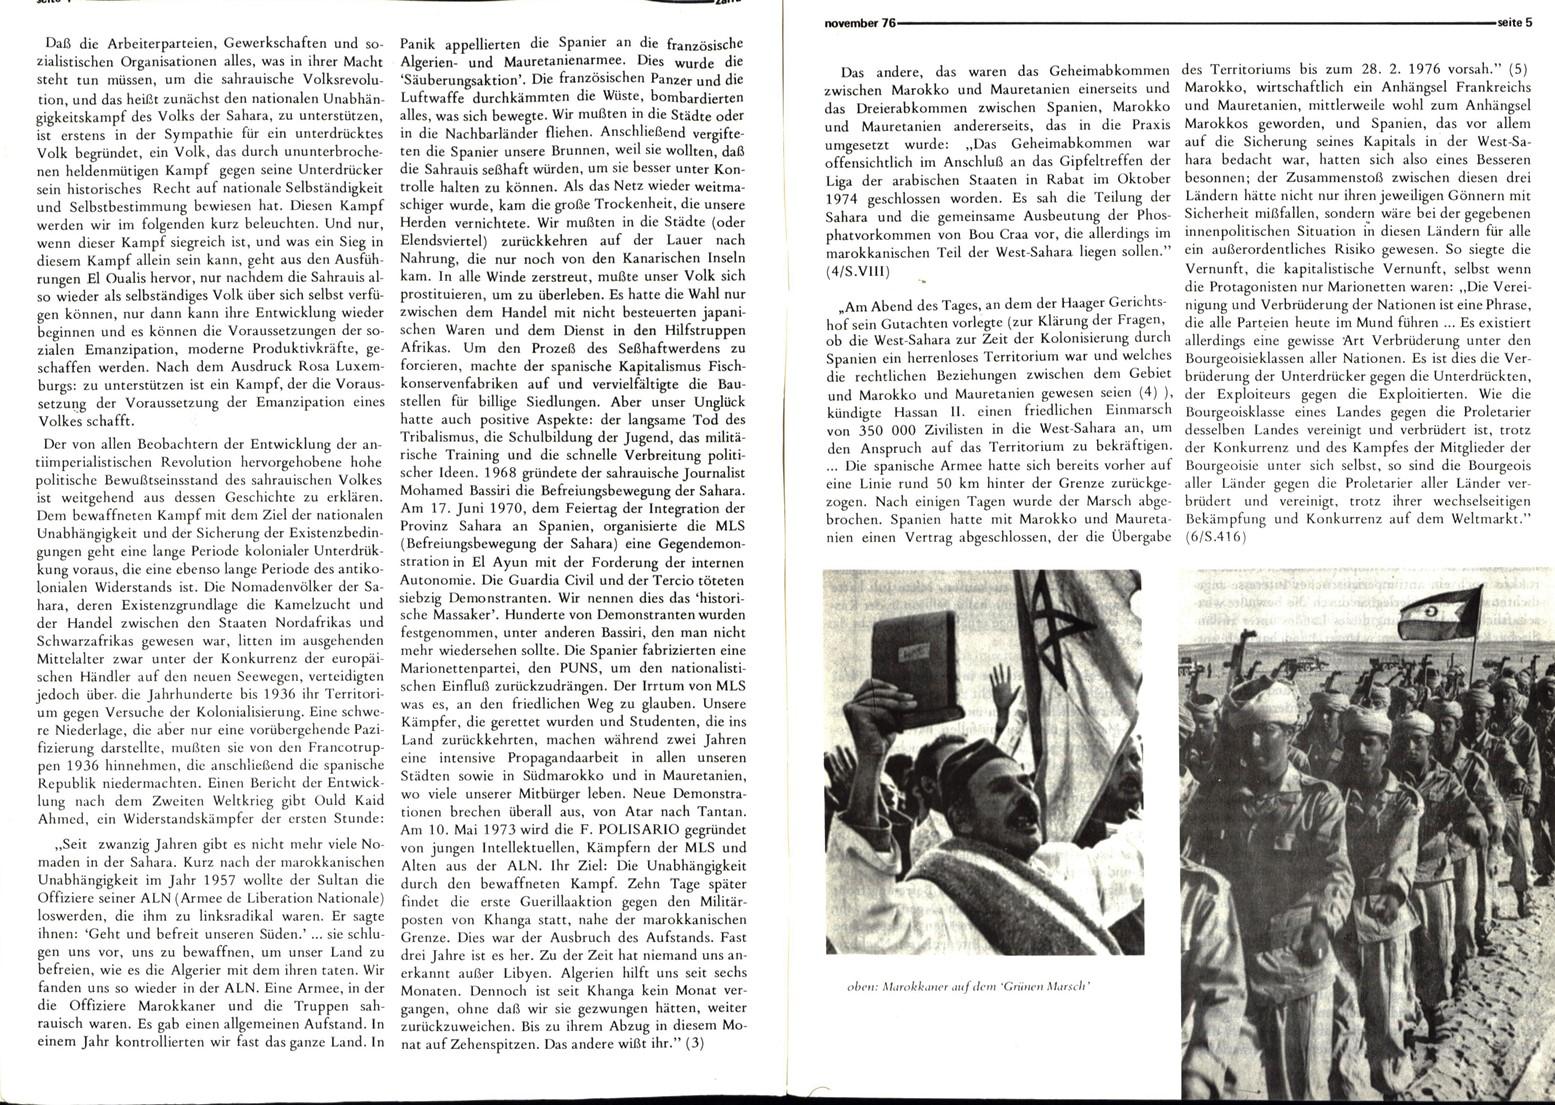 Bonn_ZAFRA_02_19761100_03